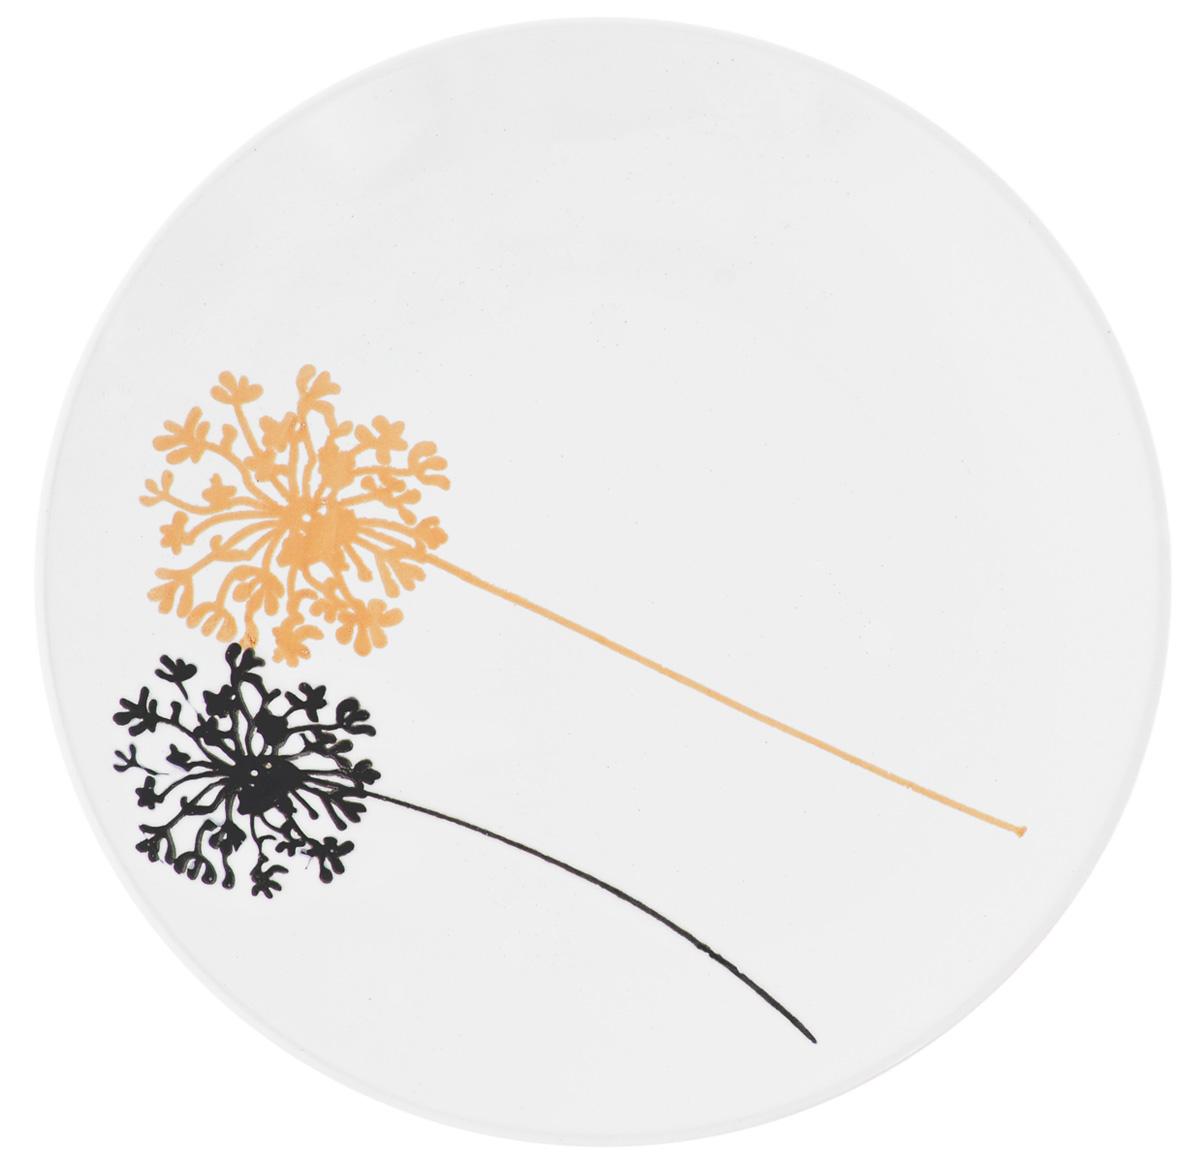 Тарелка десертная Wing Star Модерн, диаметр 20 см54 009312Тарелка десертная Wing Star Модерн изготовлена из высококачественной керамики. Предназначена длякрасивой подачи различных блюд. Изделие декорировано ярким рисунком. Wing Star - качественная керамическая посуда из обожженной, глазурованной снаружи и изнутри глины с оригинальными рисунками. При изготовлении данной посуды широко используется рельефный способ нанесения декора, когда рельефная поверхность подготавливается в процессе формовки и изделие обрабатывается с уже готовым декором. Благодаря этому достигается эффект неровного на ощупь рисунка, как бы утопленного внутрь глазури и являющегося его естественным элементом. Такая тарелка украсит сервировку стола и подчеркнет прекрасный вкус хозяйки.Можно мыть в посудомоечной машине и использовать в СВЧ. Диаметр: 20 см.Высота: 2,5 см.